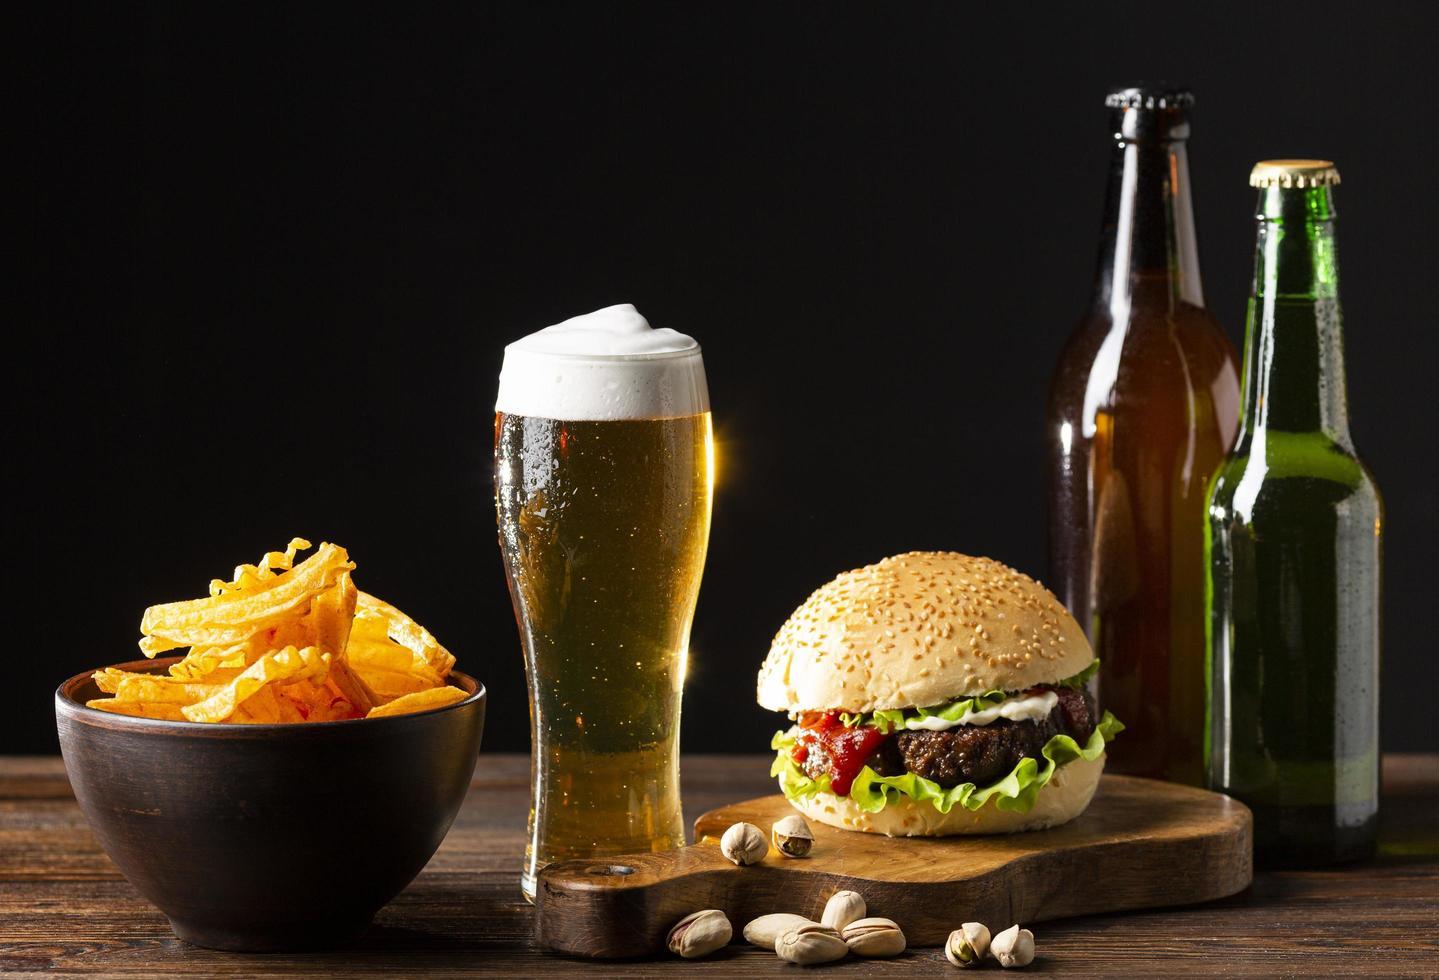 barmaaltijden met bier foto